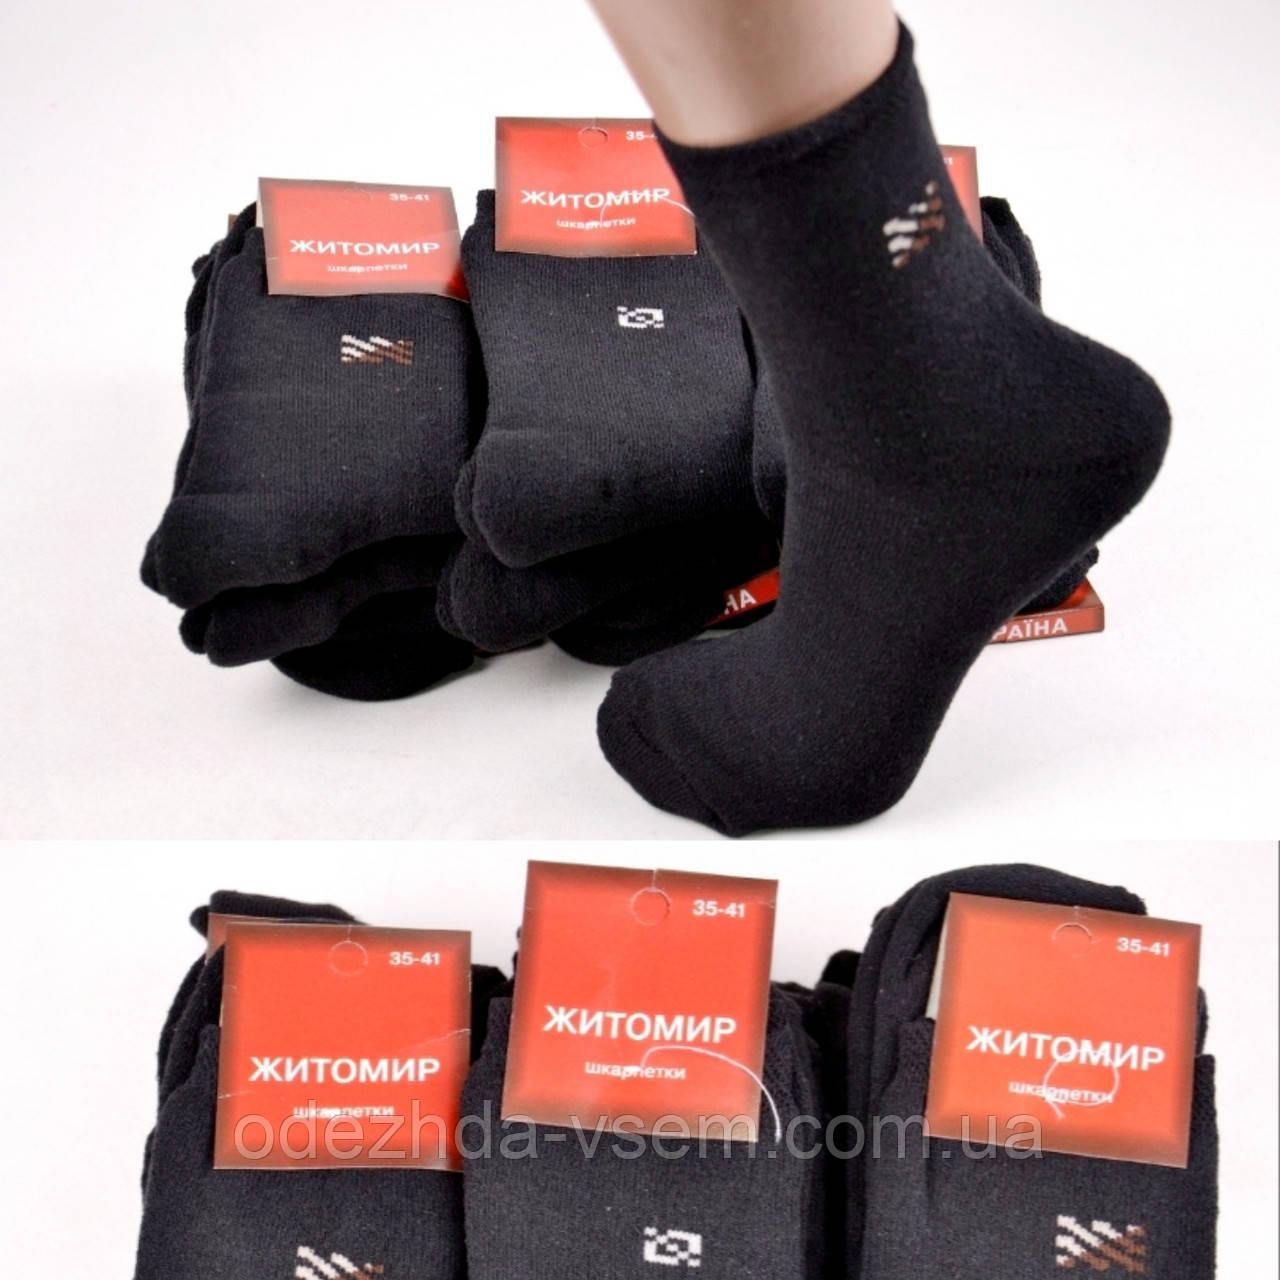 Махровые носки чёрные 36-41